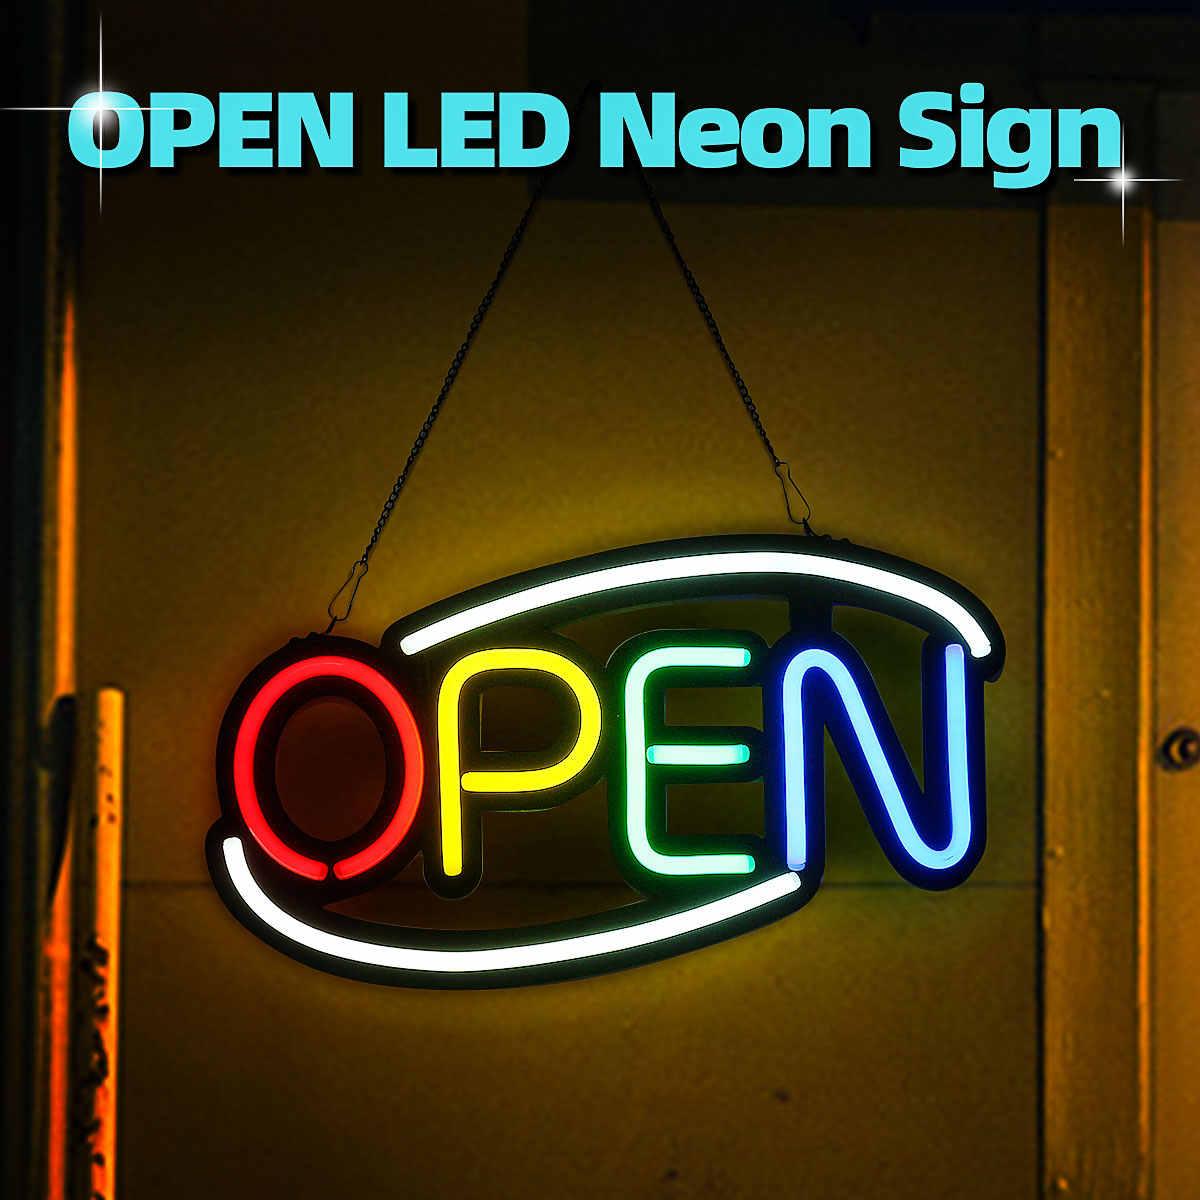 Açık Neon tabela LED ışık tüp el yapımı görsel yapıt Cafe Bar kulübü KTV duvar dekorasyon ticari aydınlatma renkli Neon ampuller